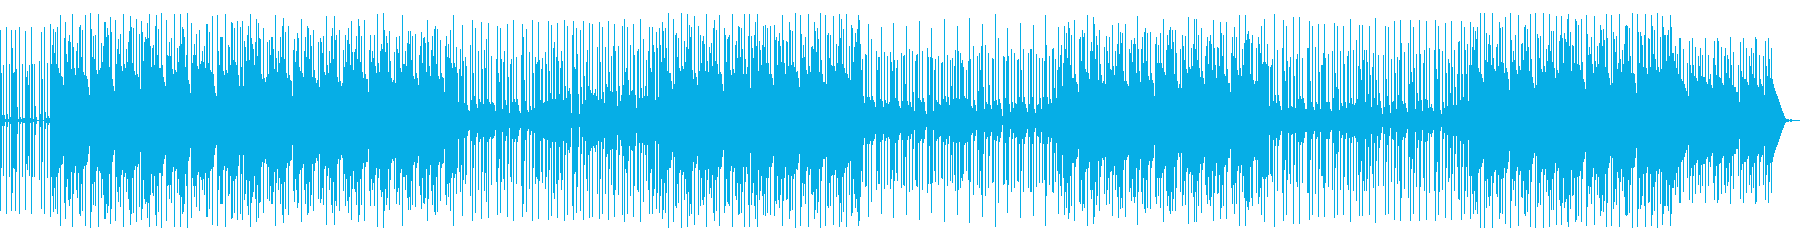 かわいいヒップホップの再生済みの波形